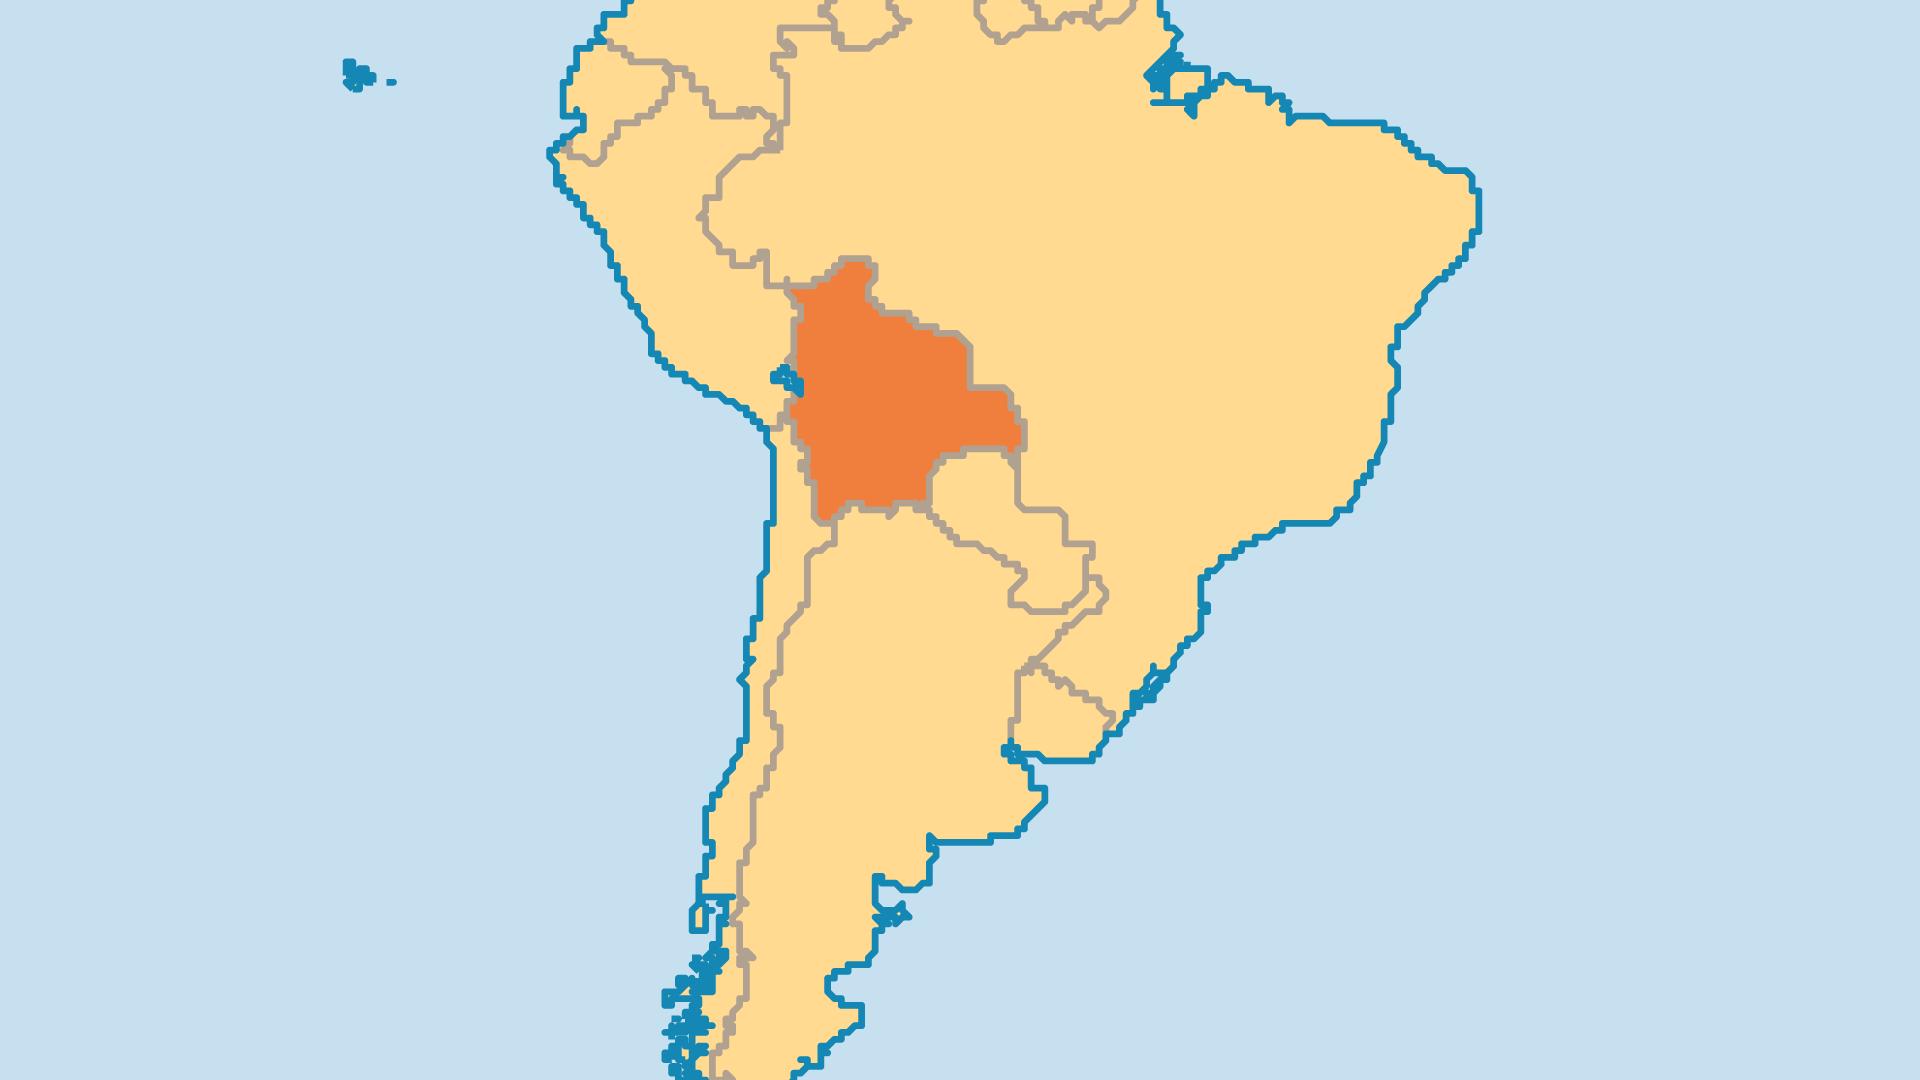 Locator Map for Bolivia